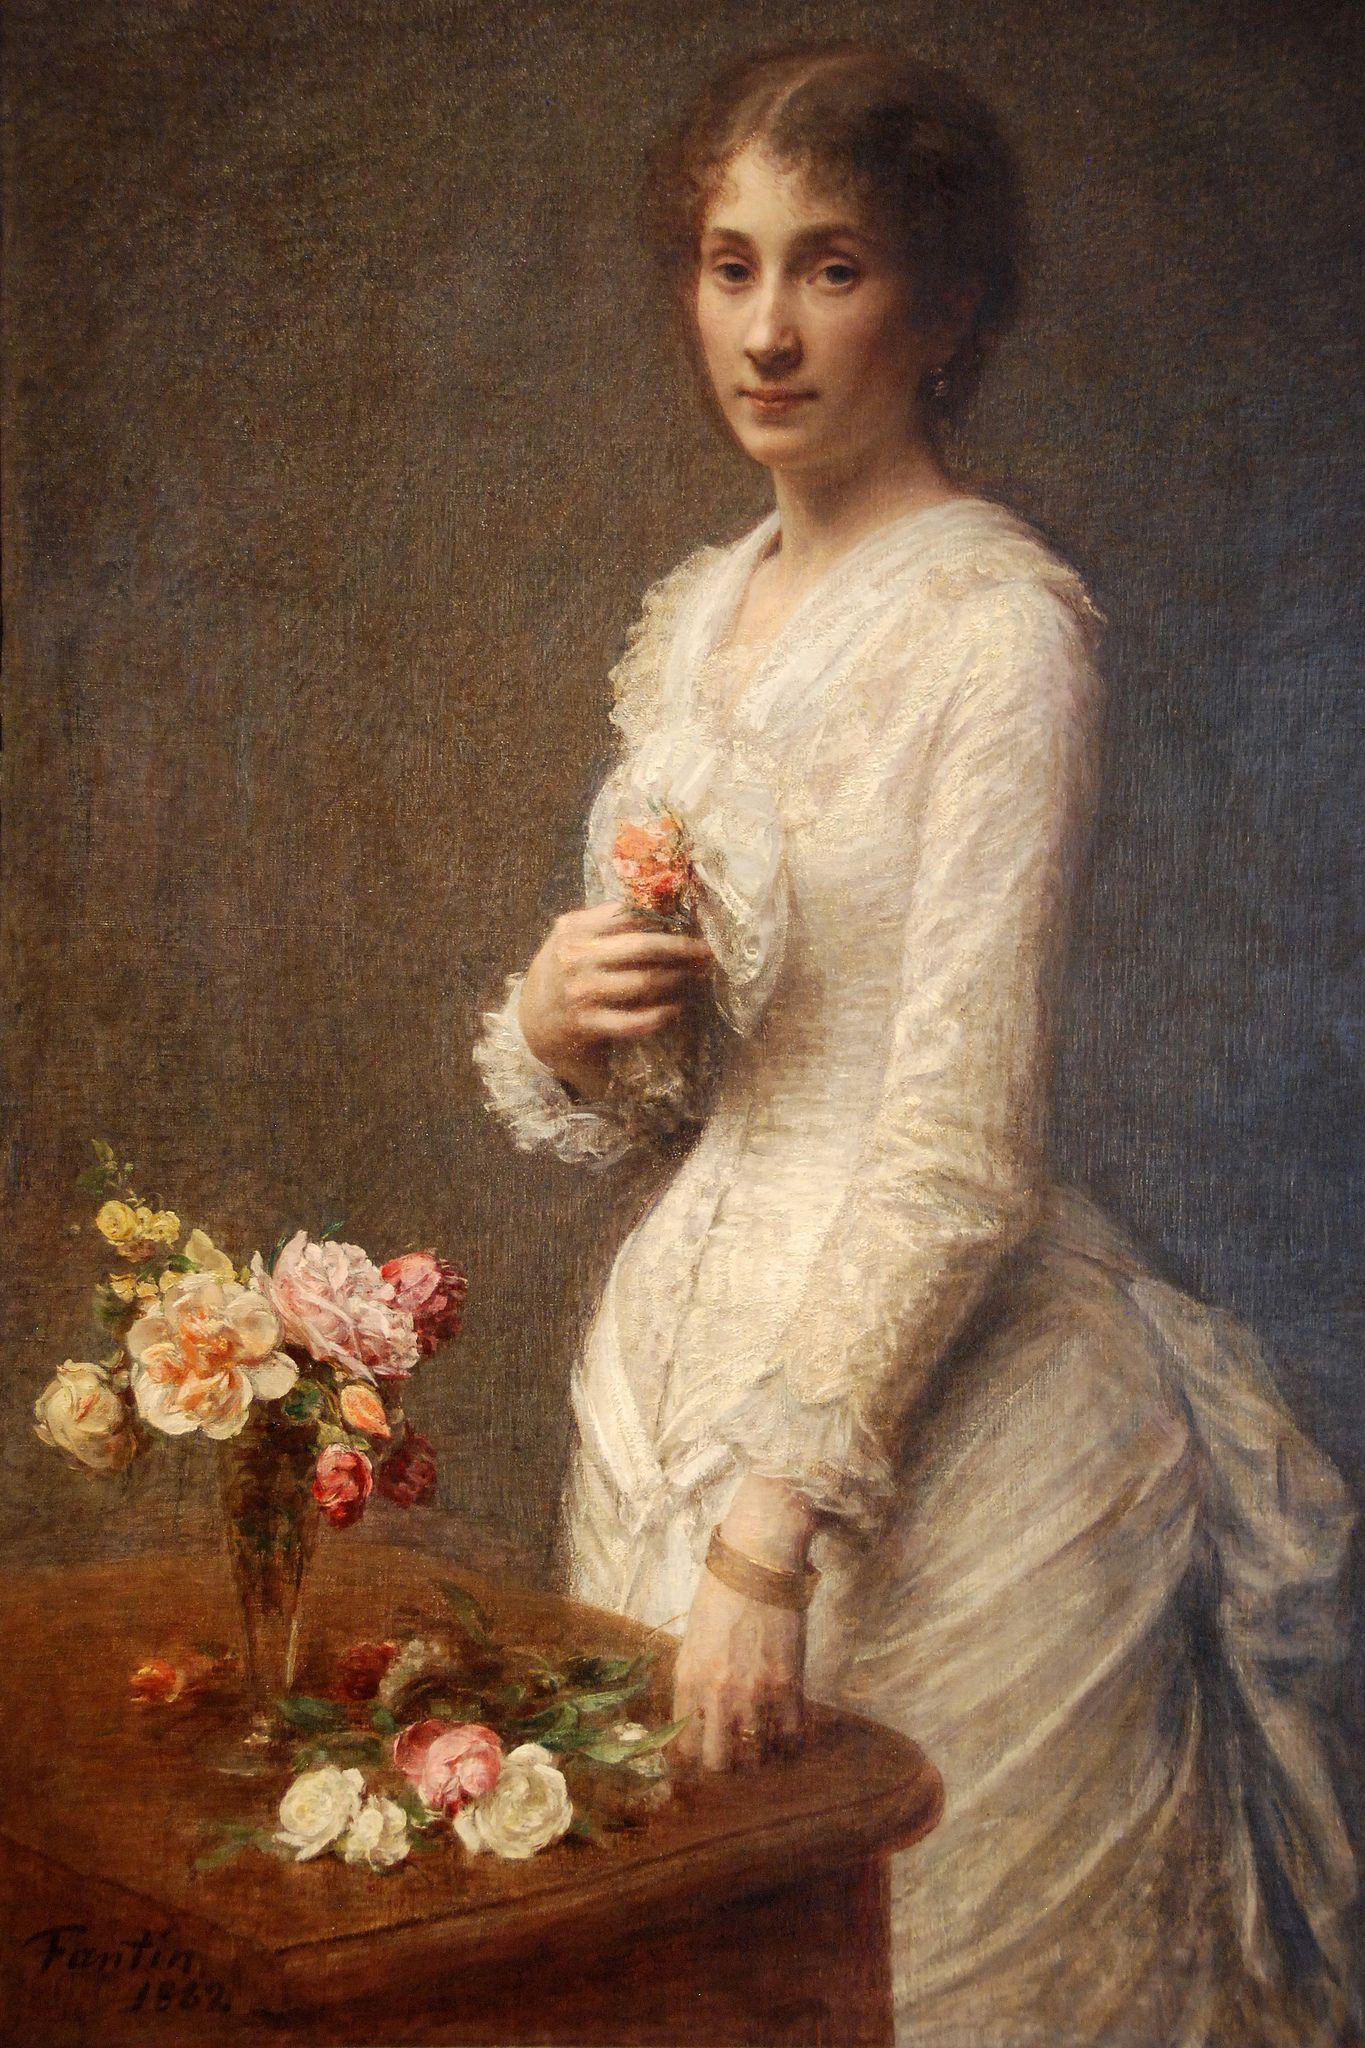 Cleveland Museum Of Art - Madame Lerolle Le Vase Dans Portrait Henri Fantin Latour